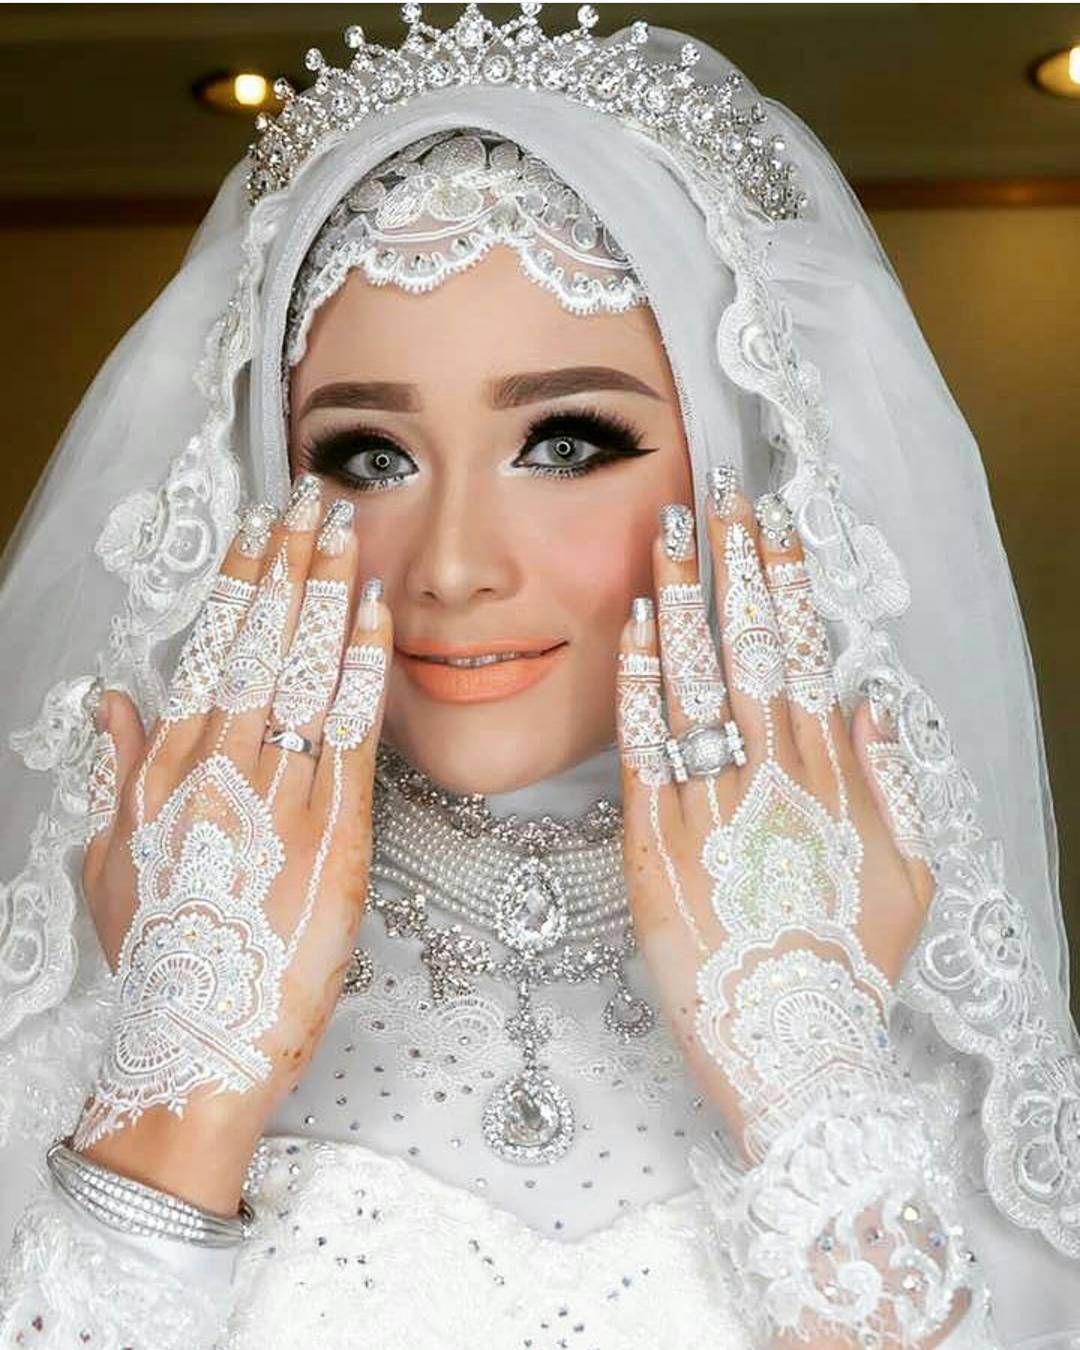 Beyaz Kına isteyenler randevu alabilirsiniz ? #kina #hintkinasi ...